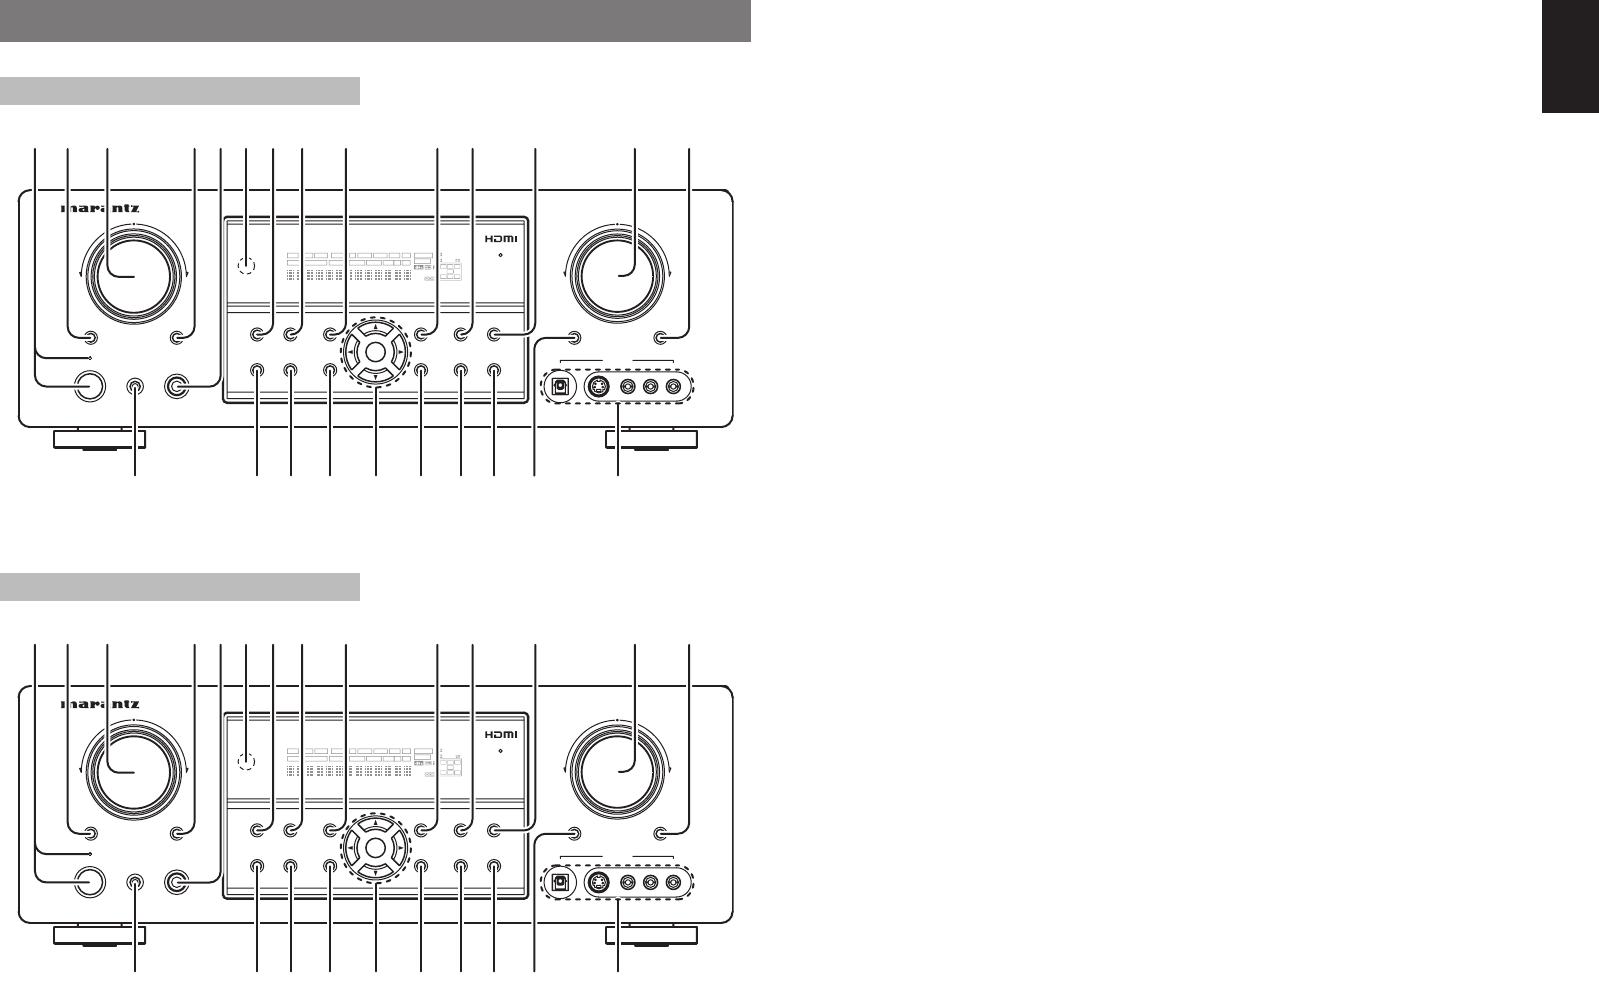 Marantz SR4002/SR5002 NAMES AND FUNCTIONS